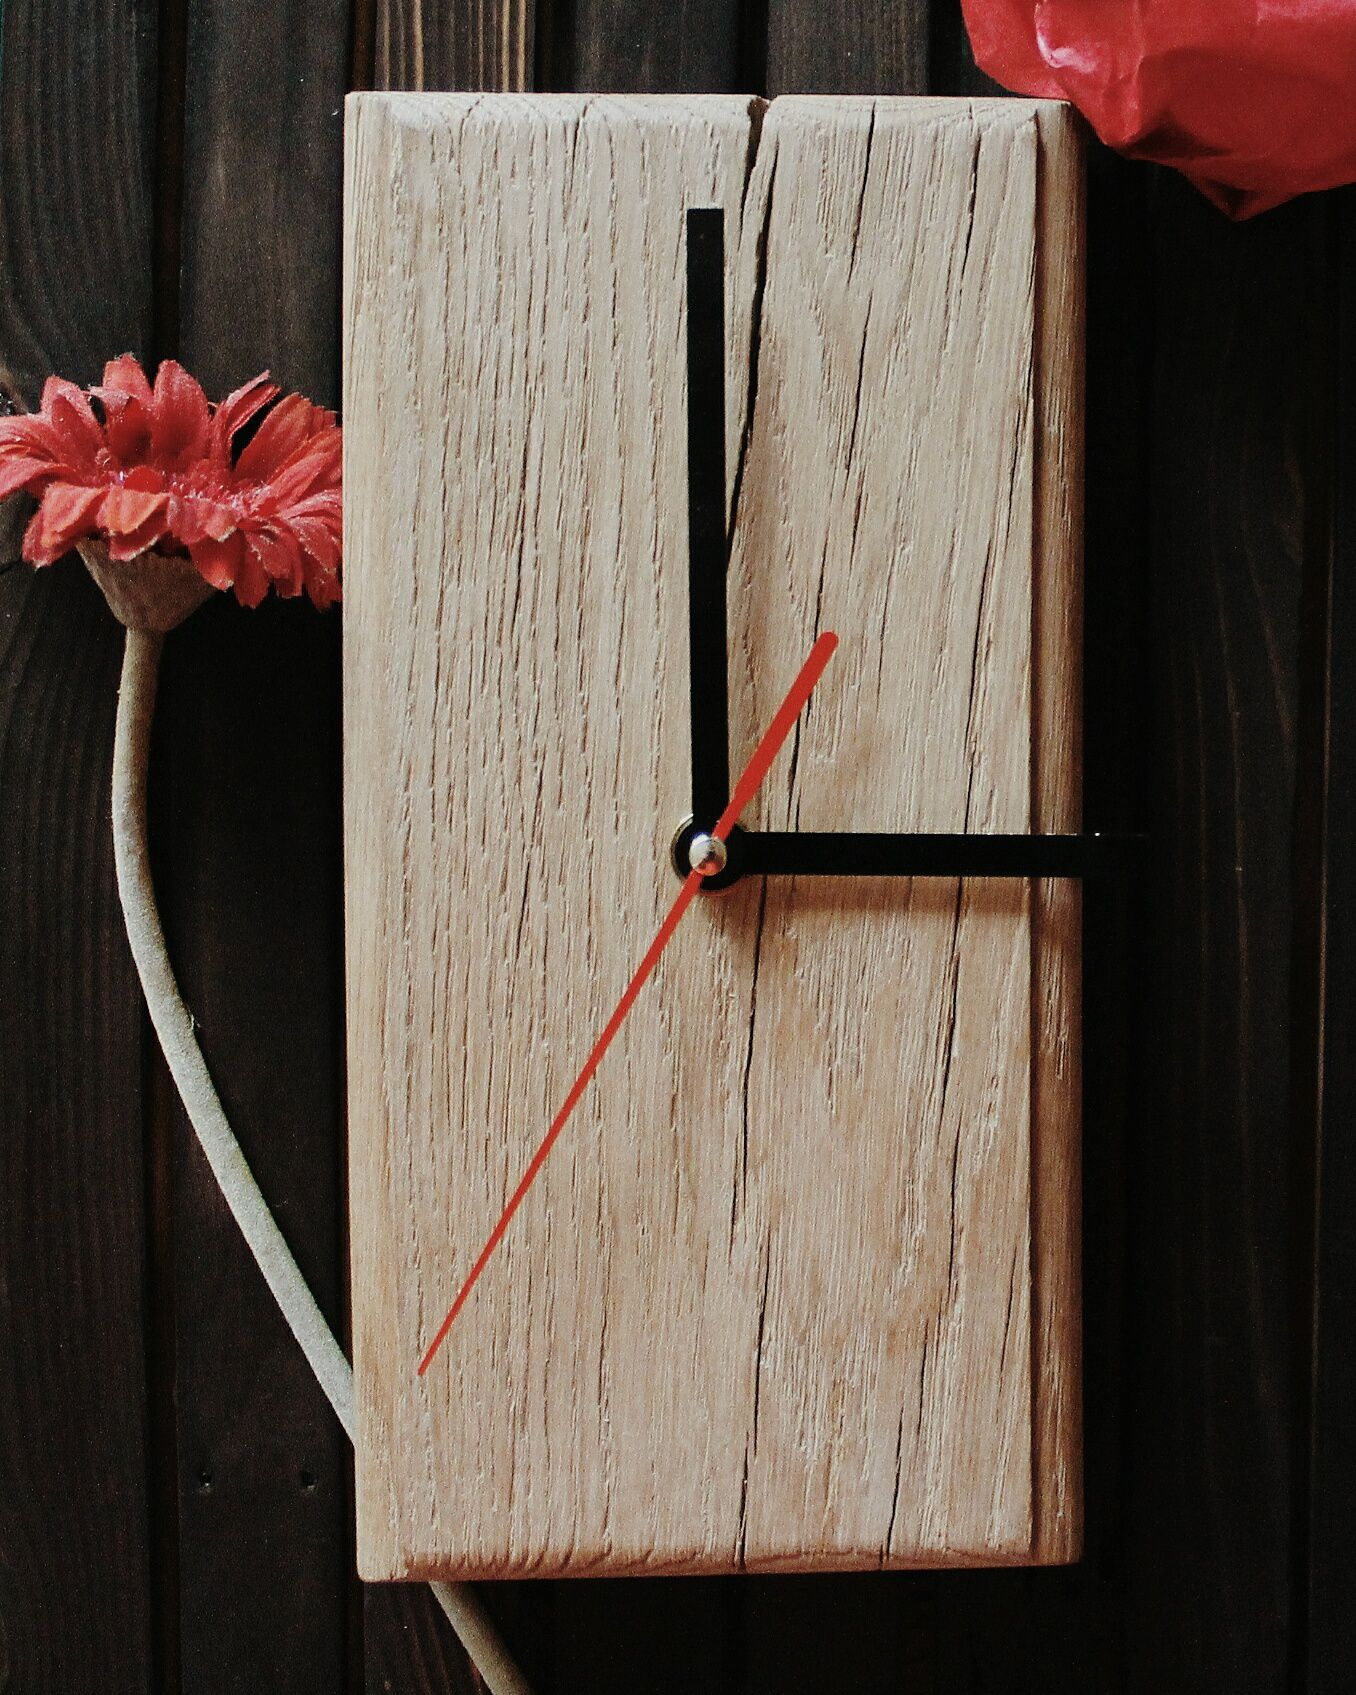 дом дерево ручной дерева часы дизайн аксессуары интерьер уют для издерева ручная работа картина подарок